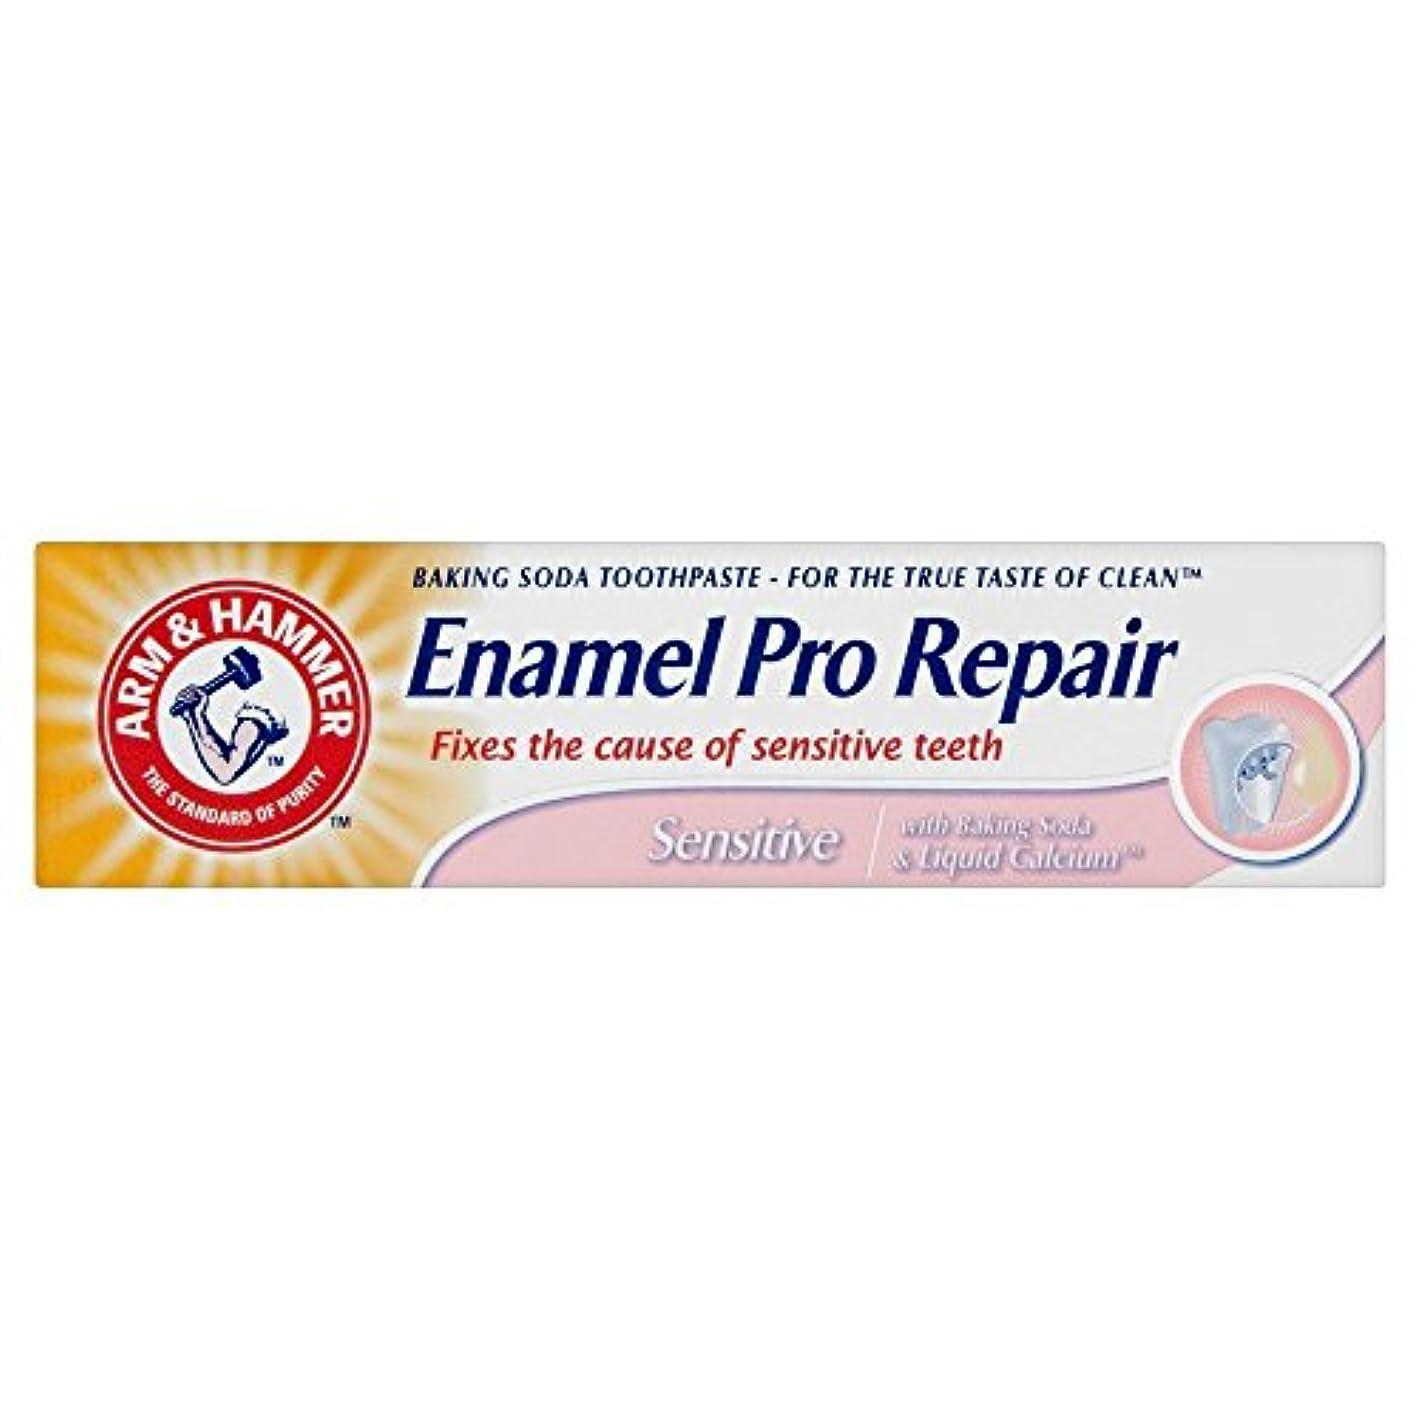 改革欠伸死んでいるArm & Hammer Enamel Care Sensitive Toothpaste Tube (75ml) アームとハンマーエナメルケア敏感歯磨き粉のチューブ( 75ミリリットル) [並行輸入品]